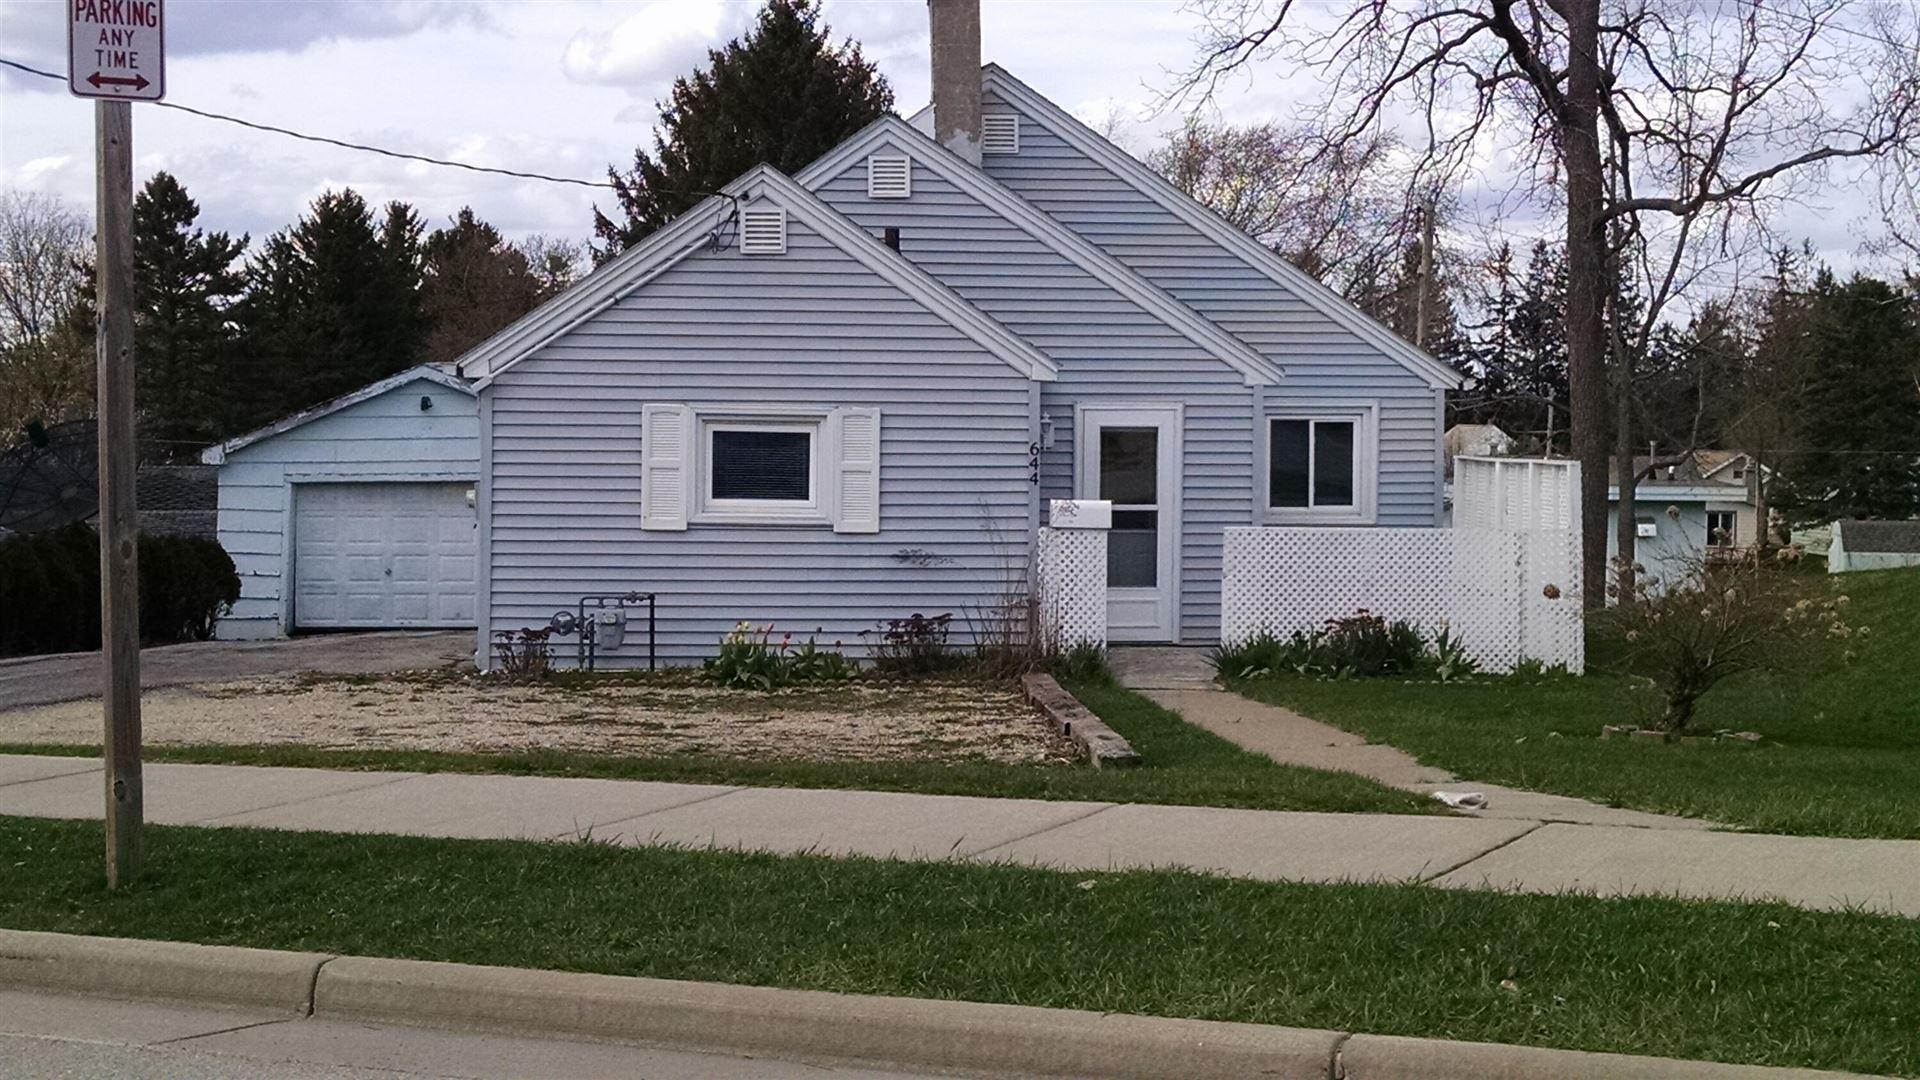 644 W Decker St, Viroqua, WI 54665 - MLS#: 1768144